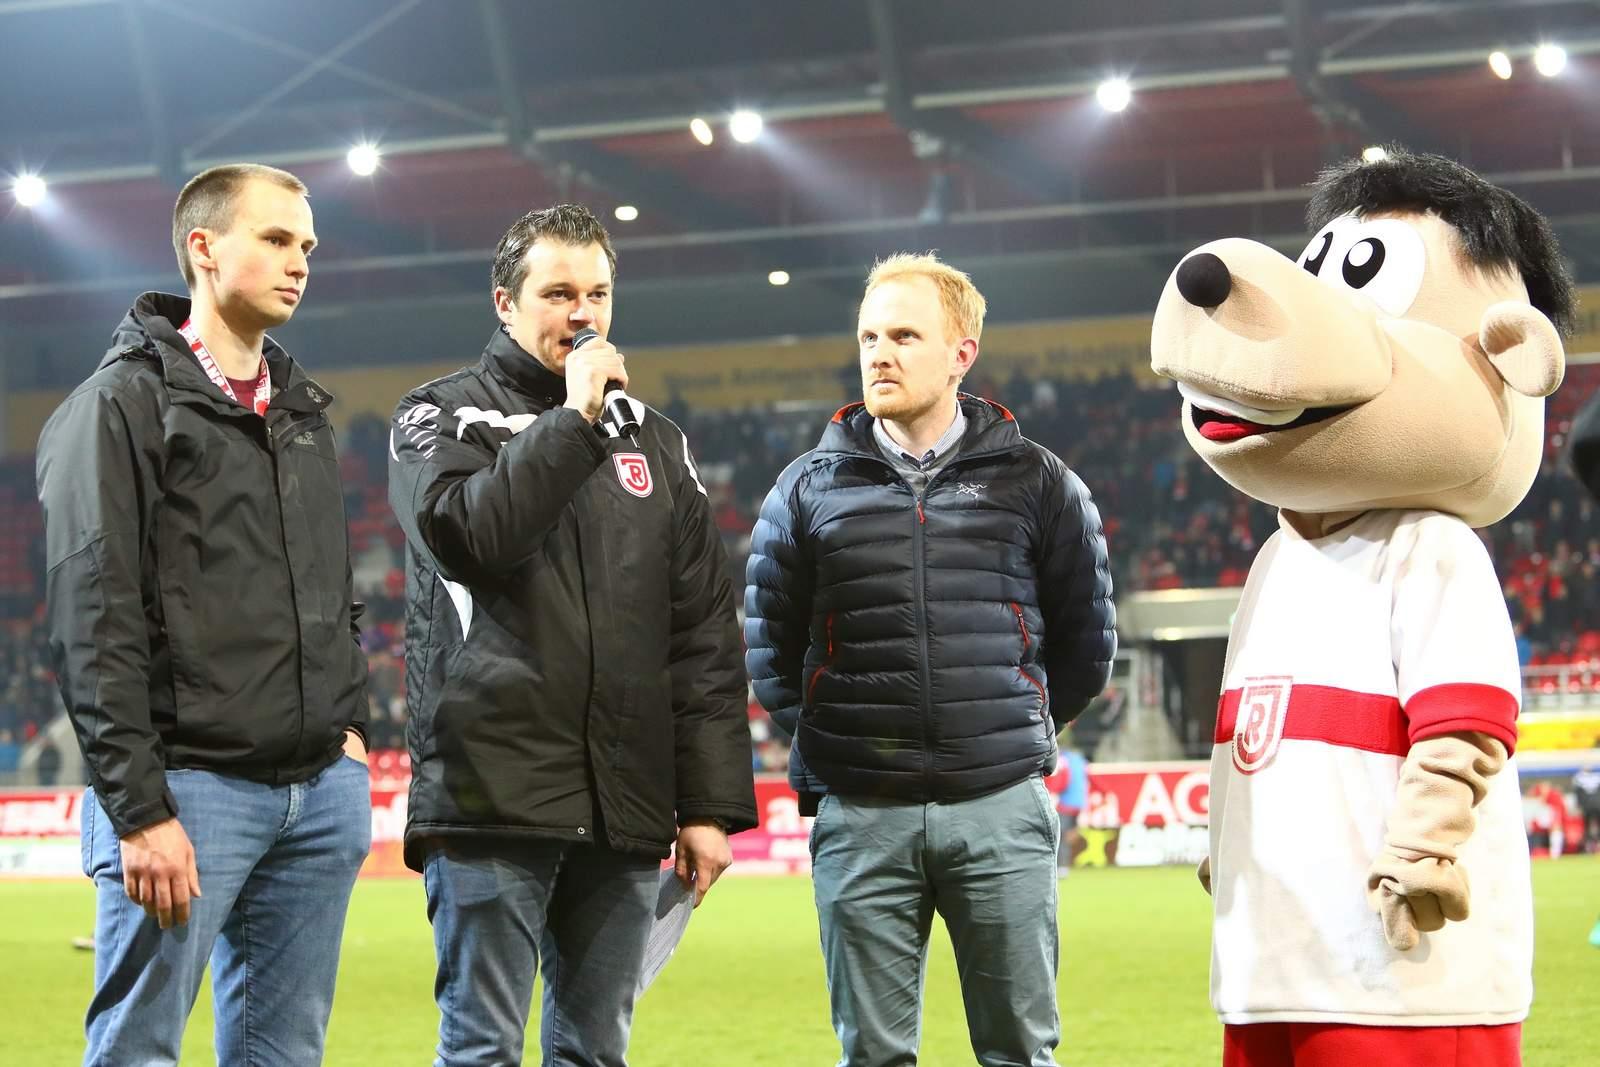 Verantwortliche von Regensburg auf dem Spielfeld